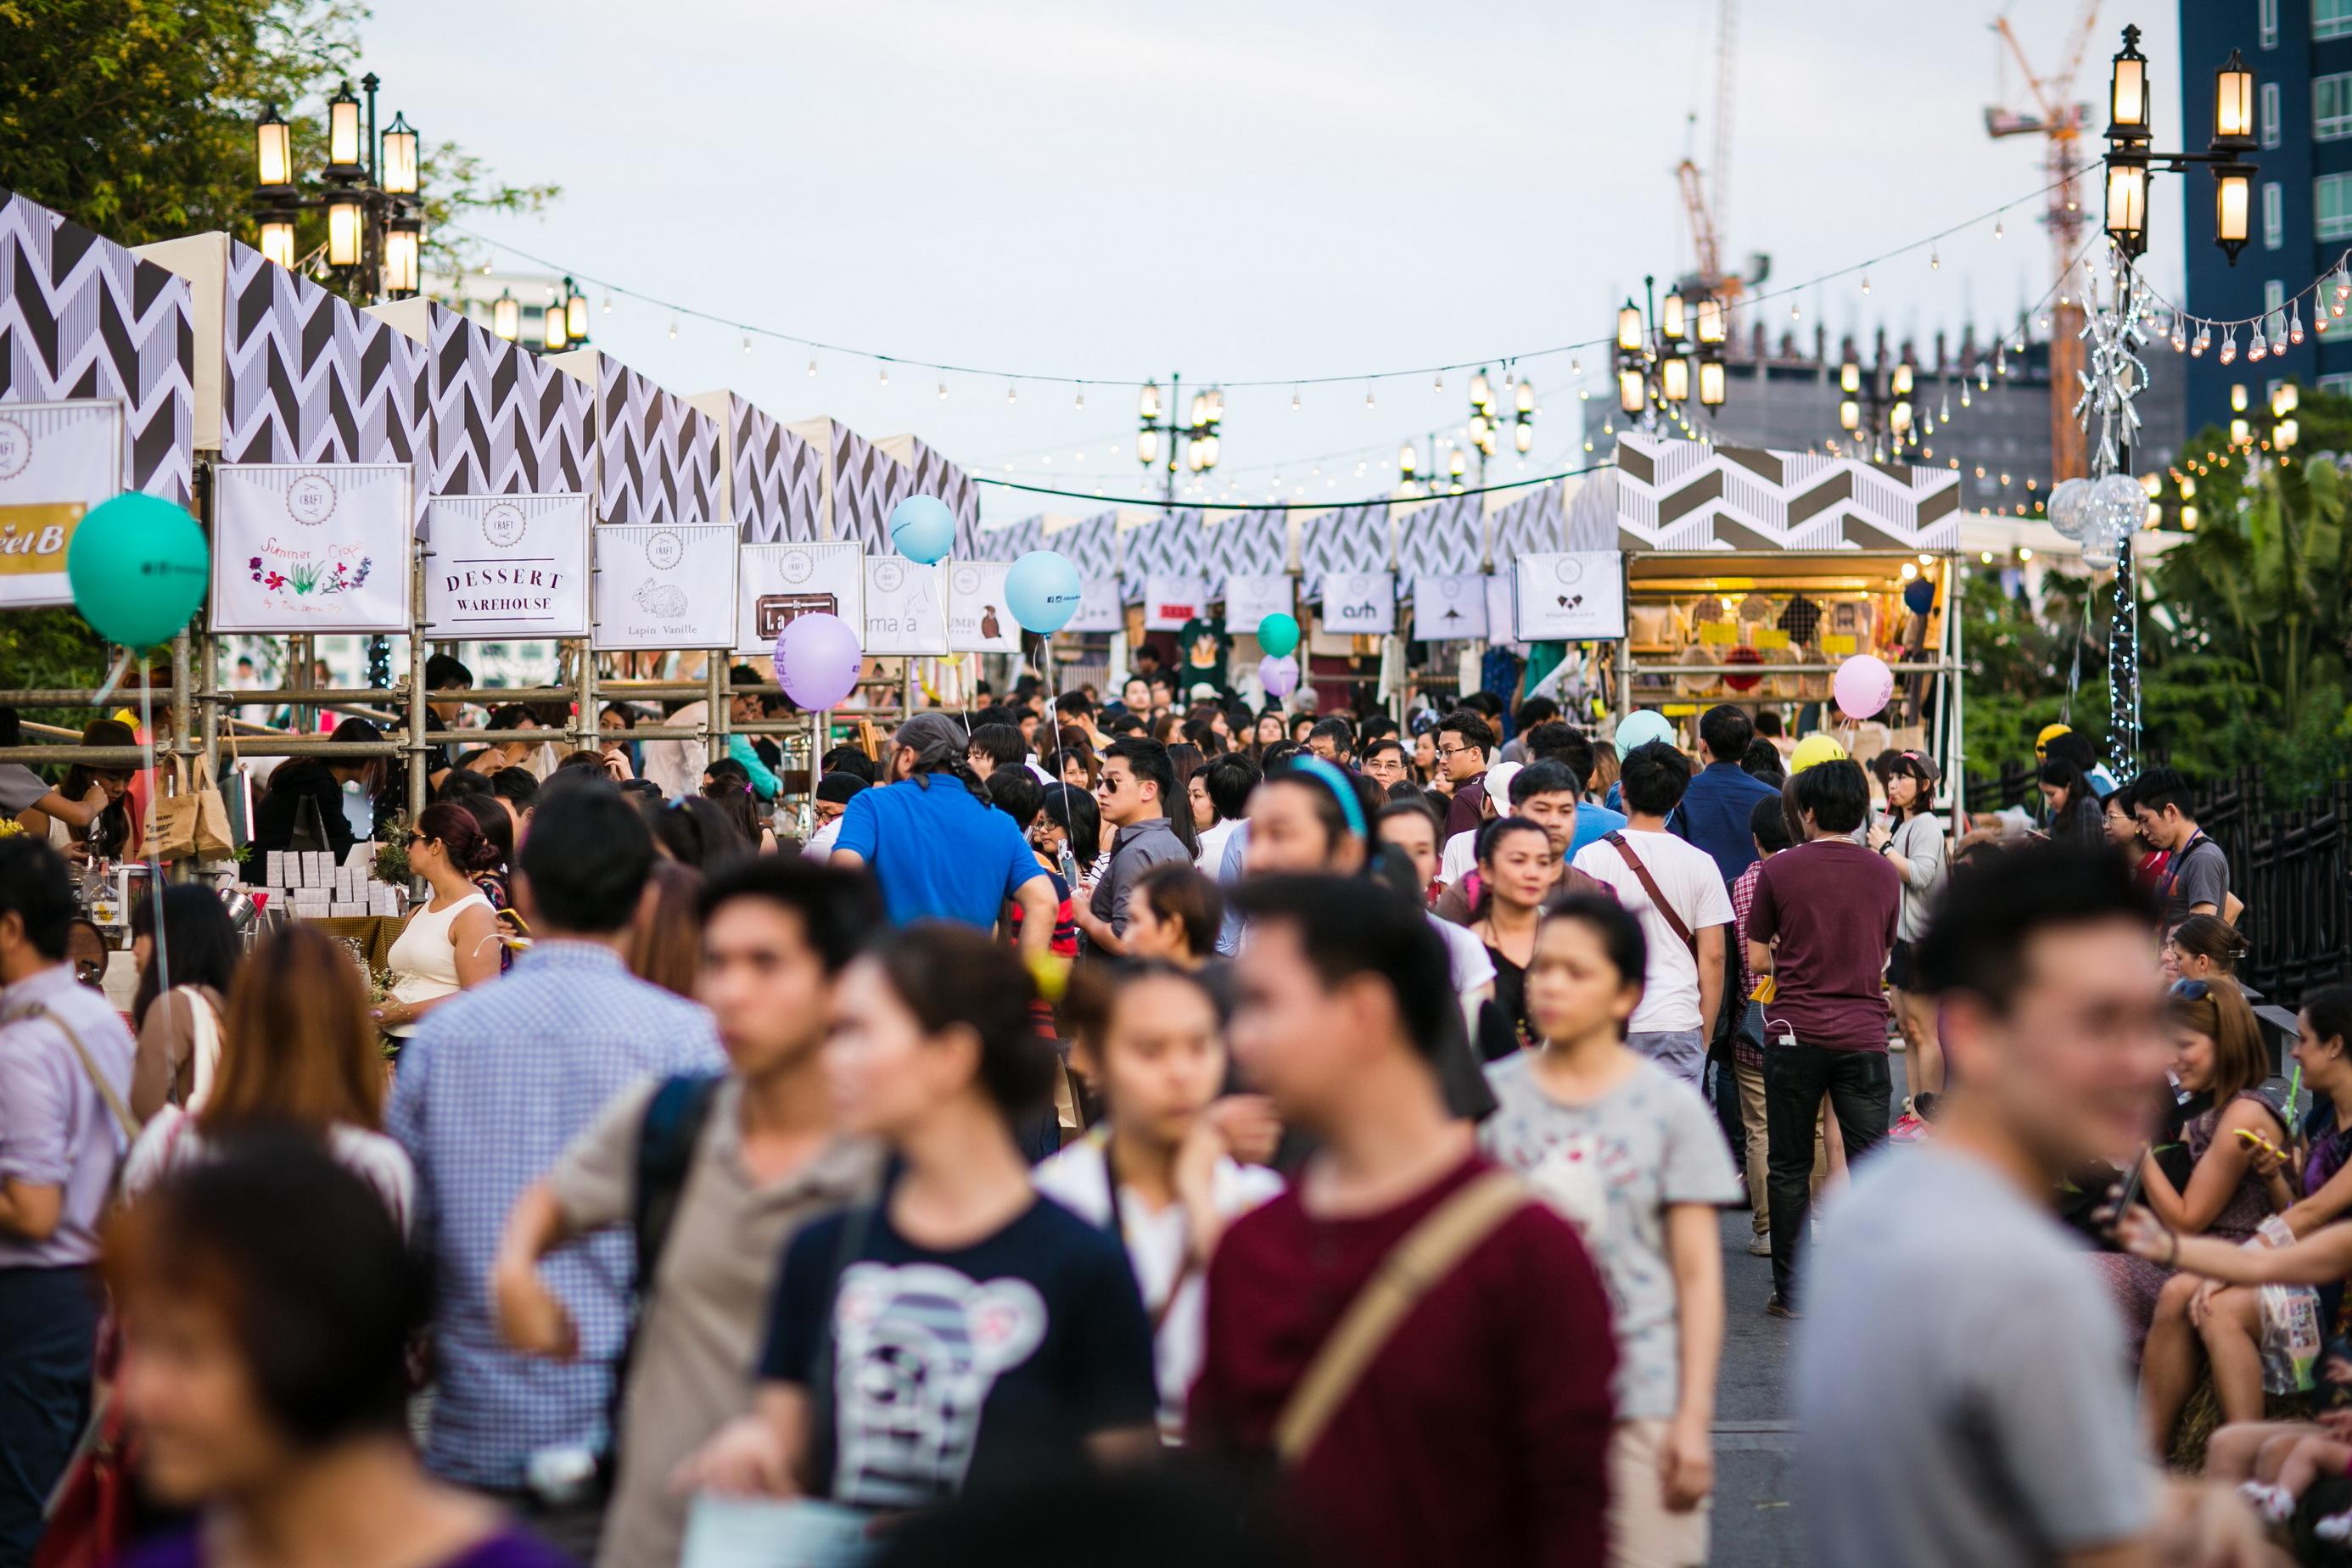 Winter Market Fest